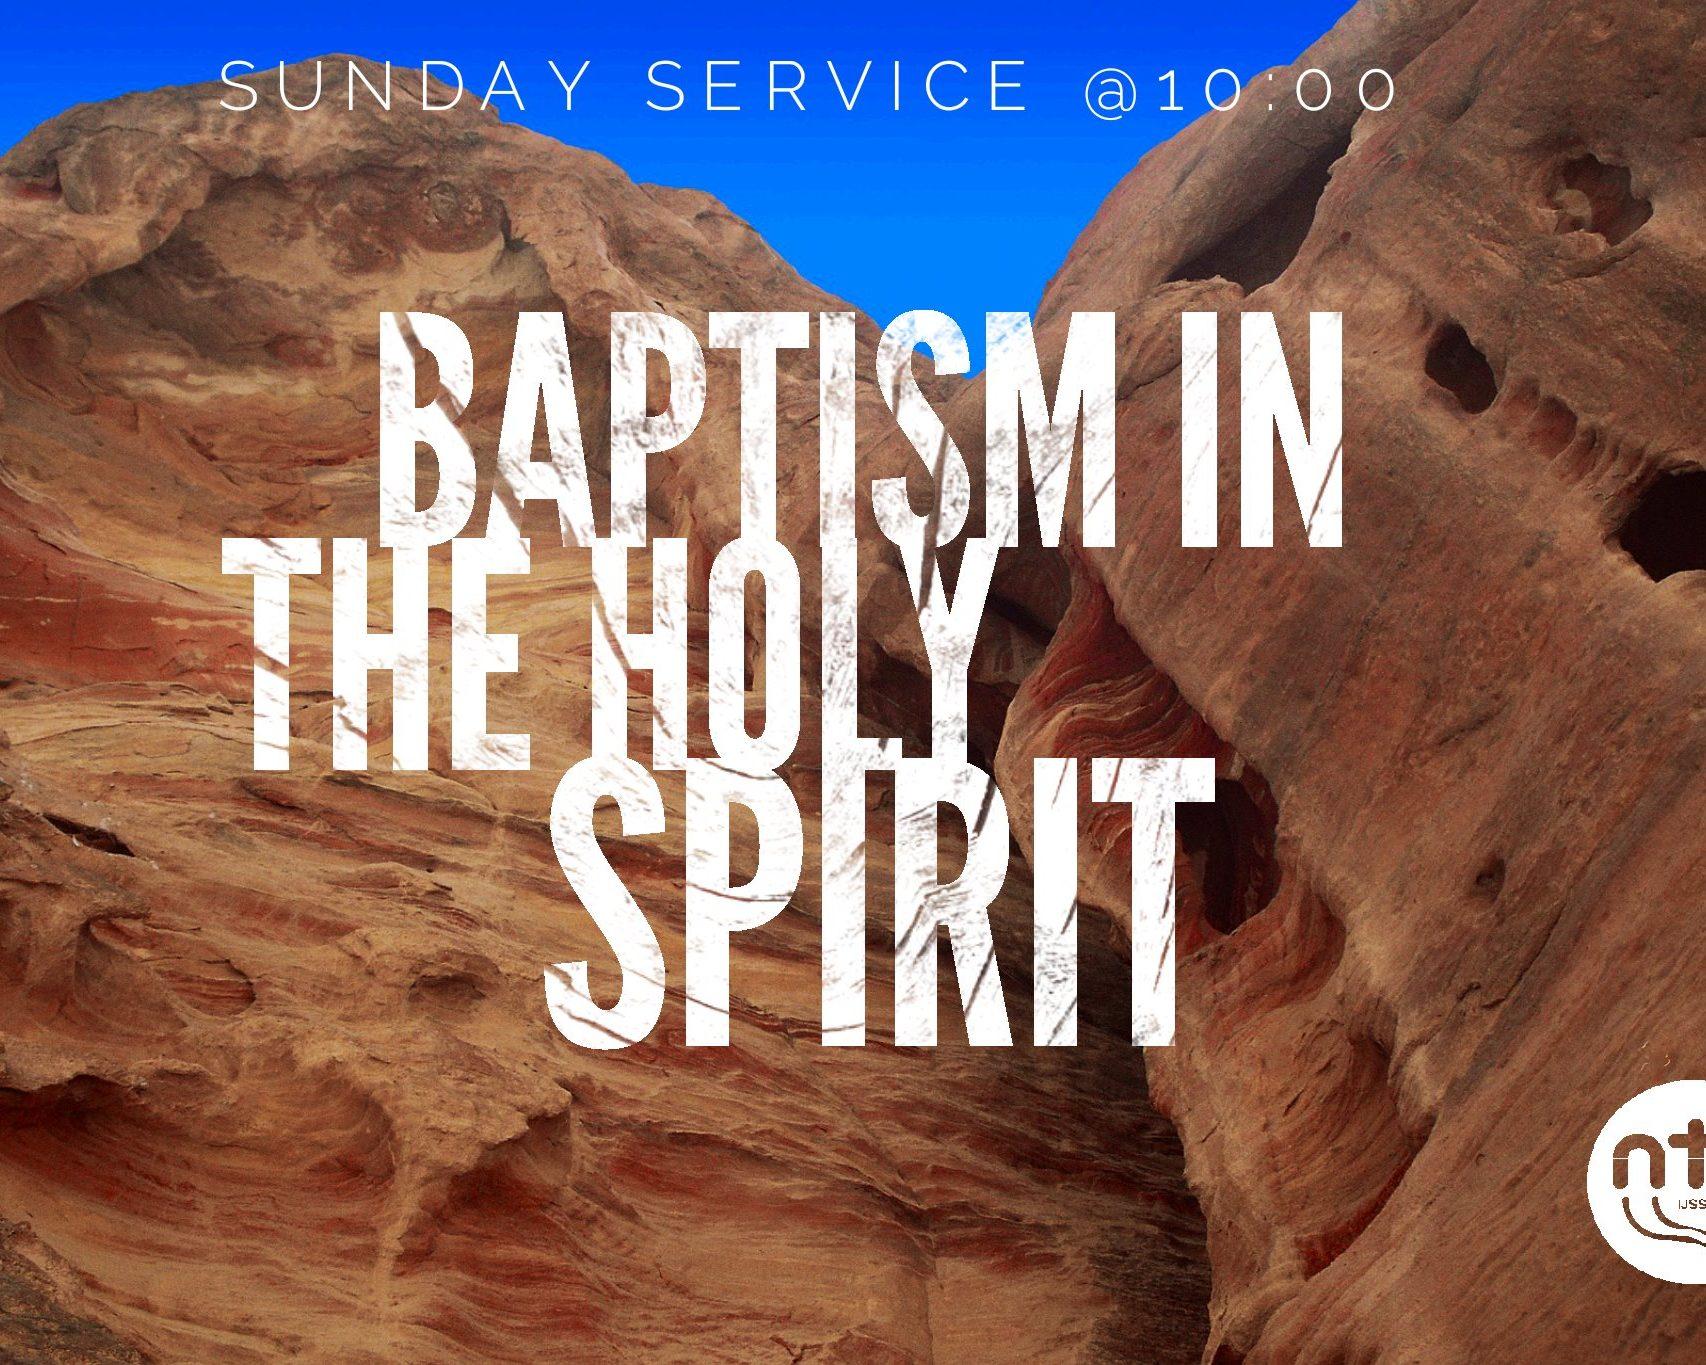 Gered door genade, maar de doop in de Heilige Geest is essentieel